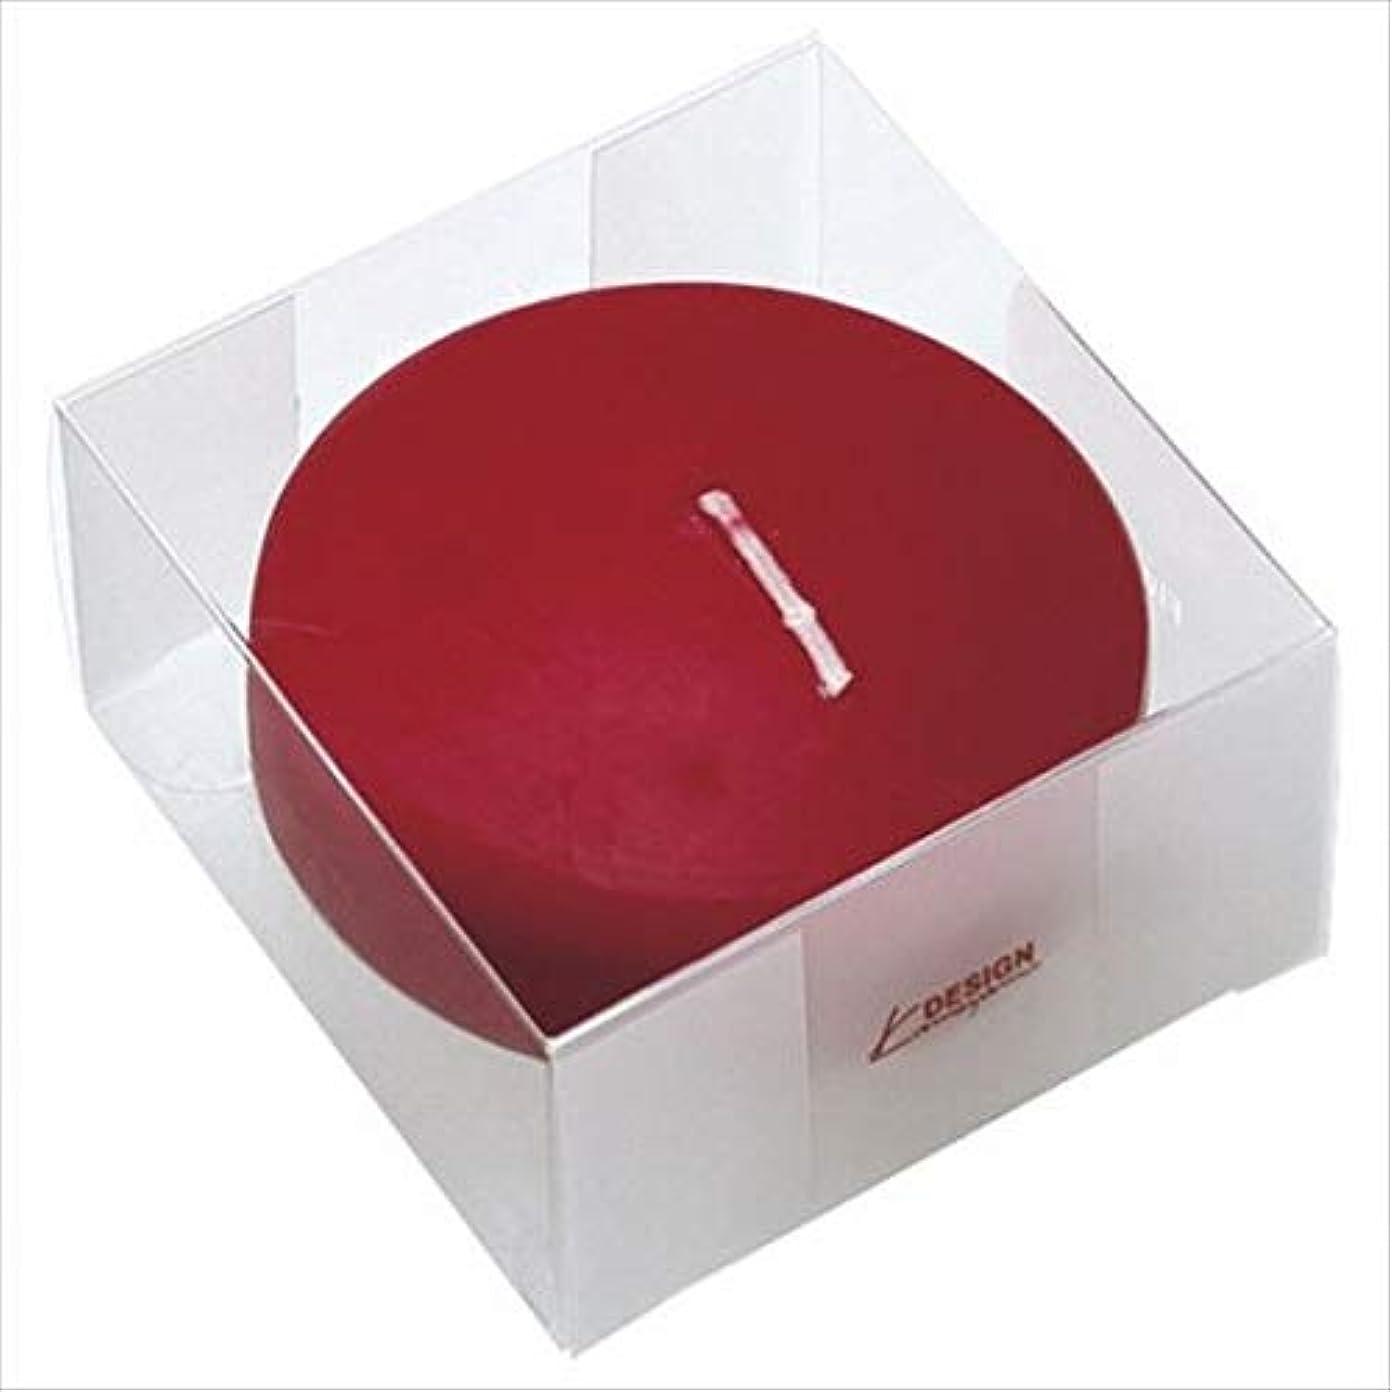 事前だますでカメヤマキャンドル(kameyama candle) プール80 (箱入り) 「 ワインレッド 」 キャンドル 6個セット